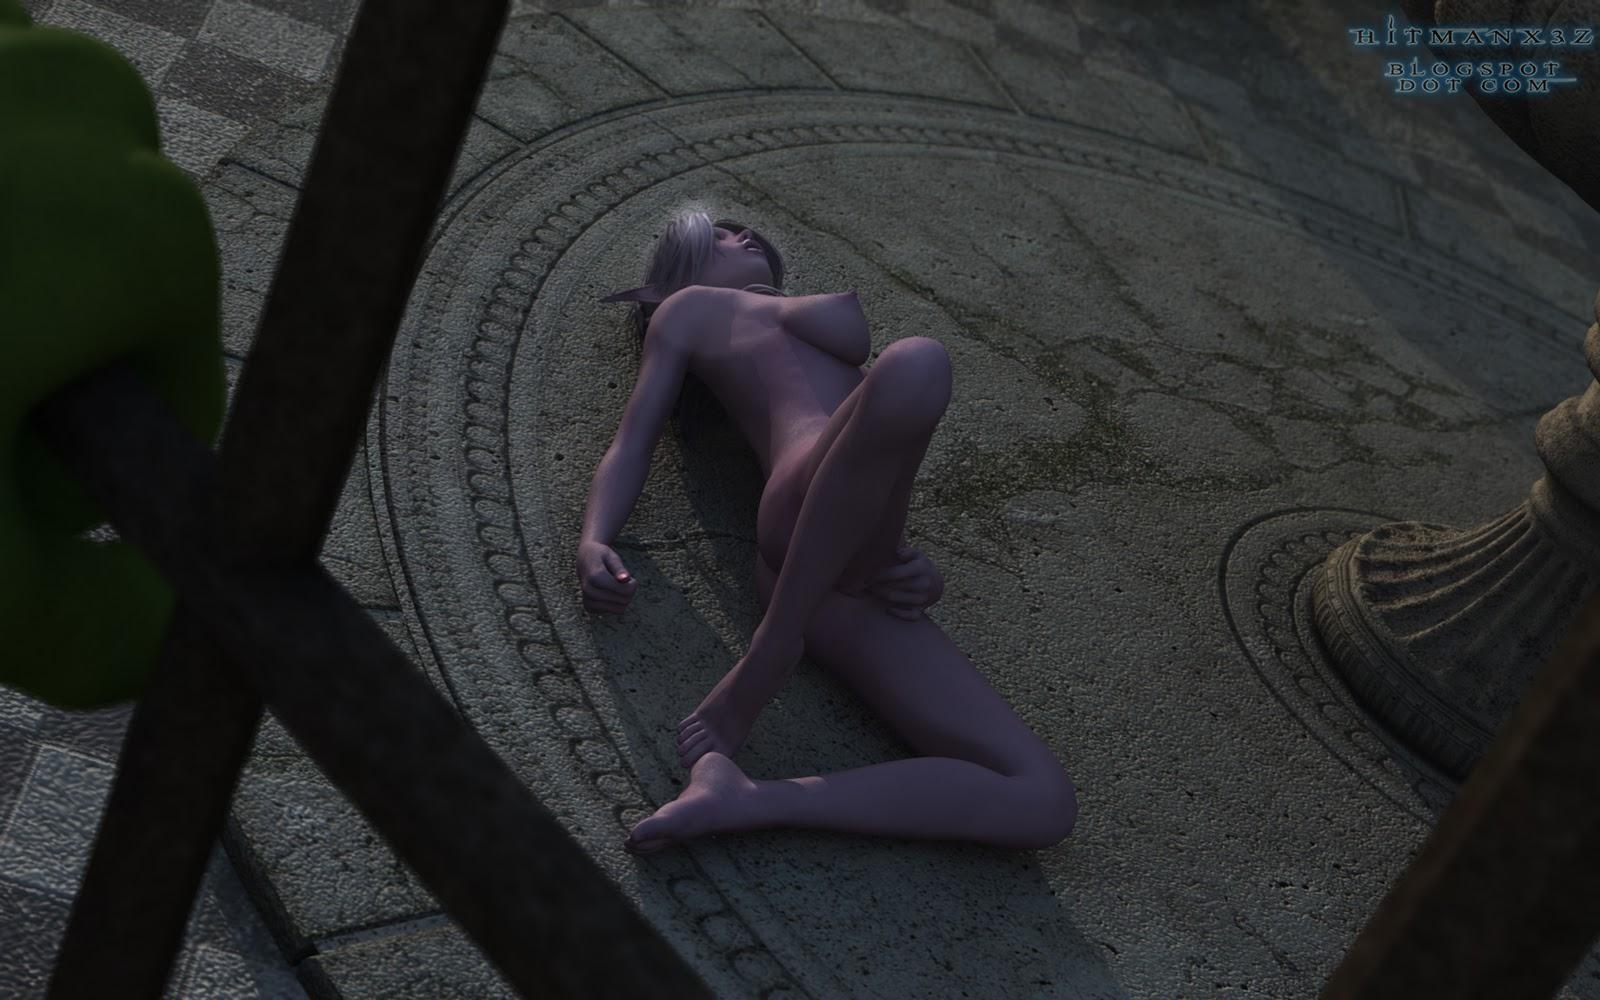 World of warcraft night elf sucking sex movie